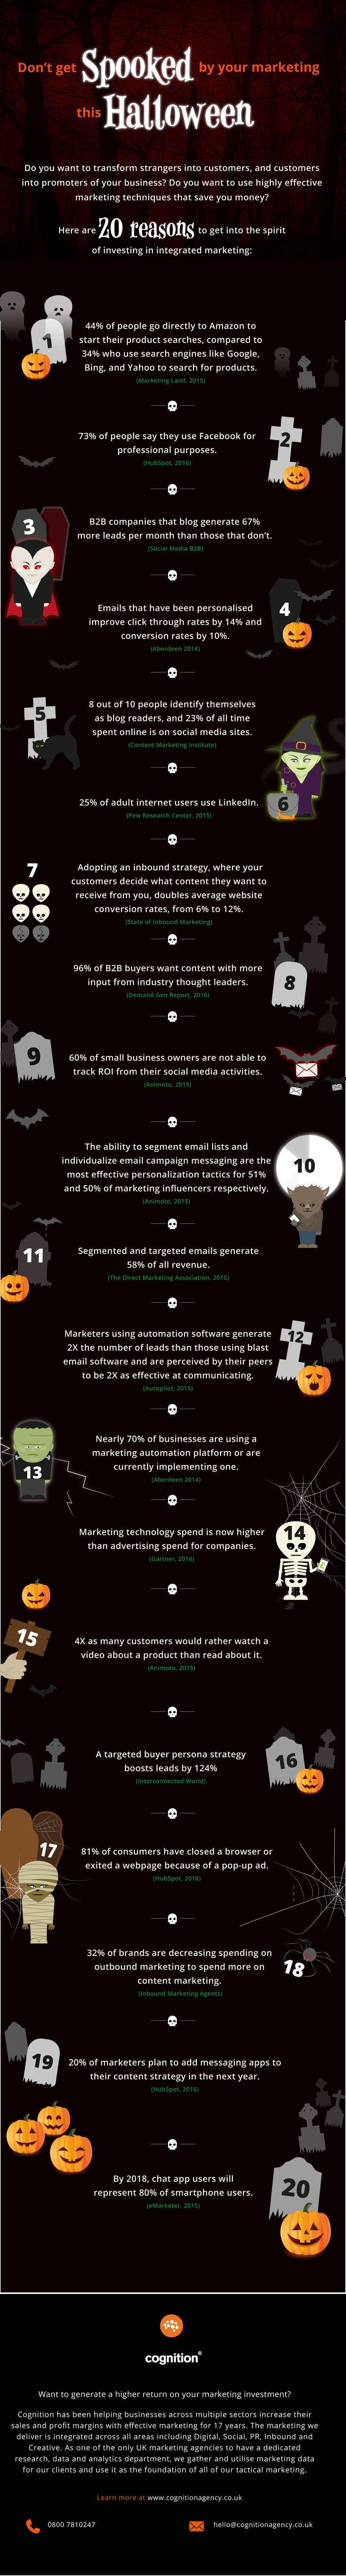 Cog_Halloween_infographic.jpg